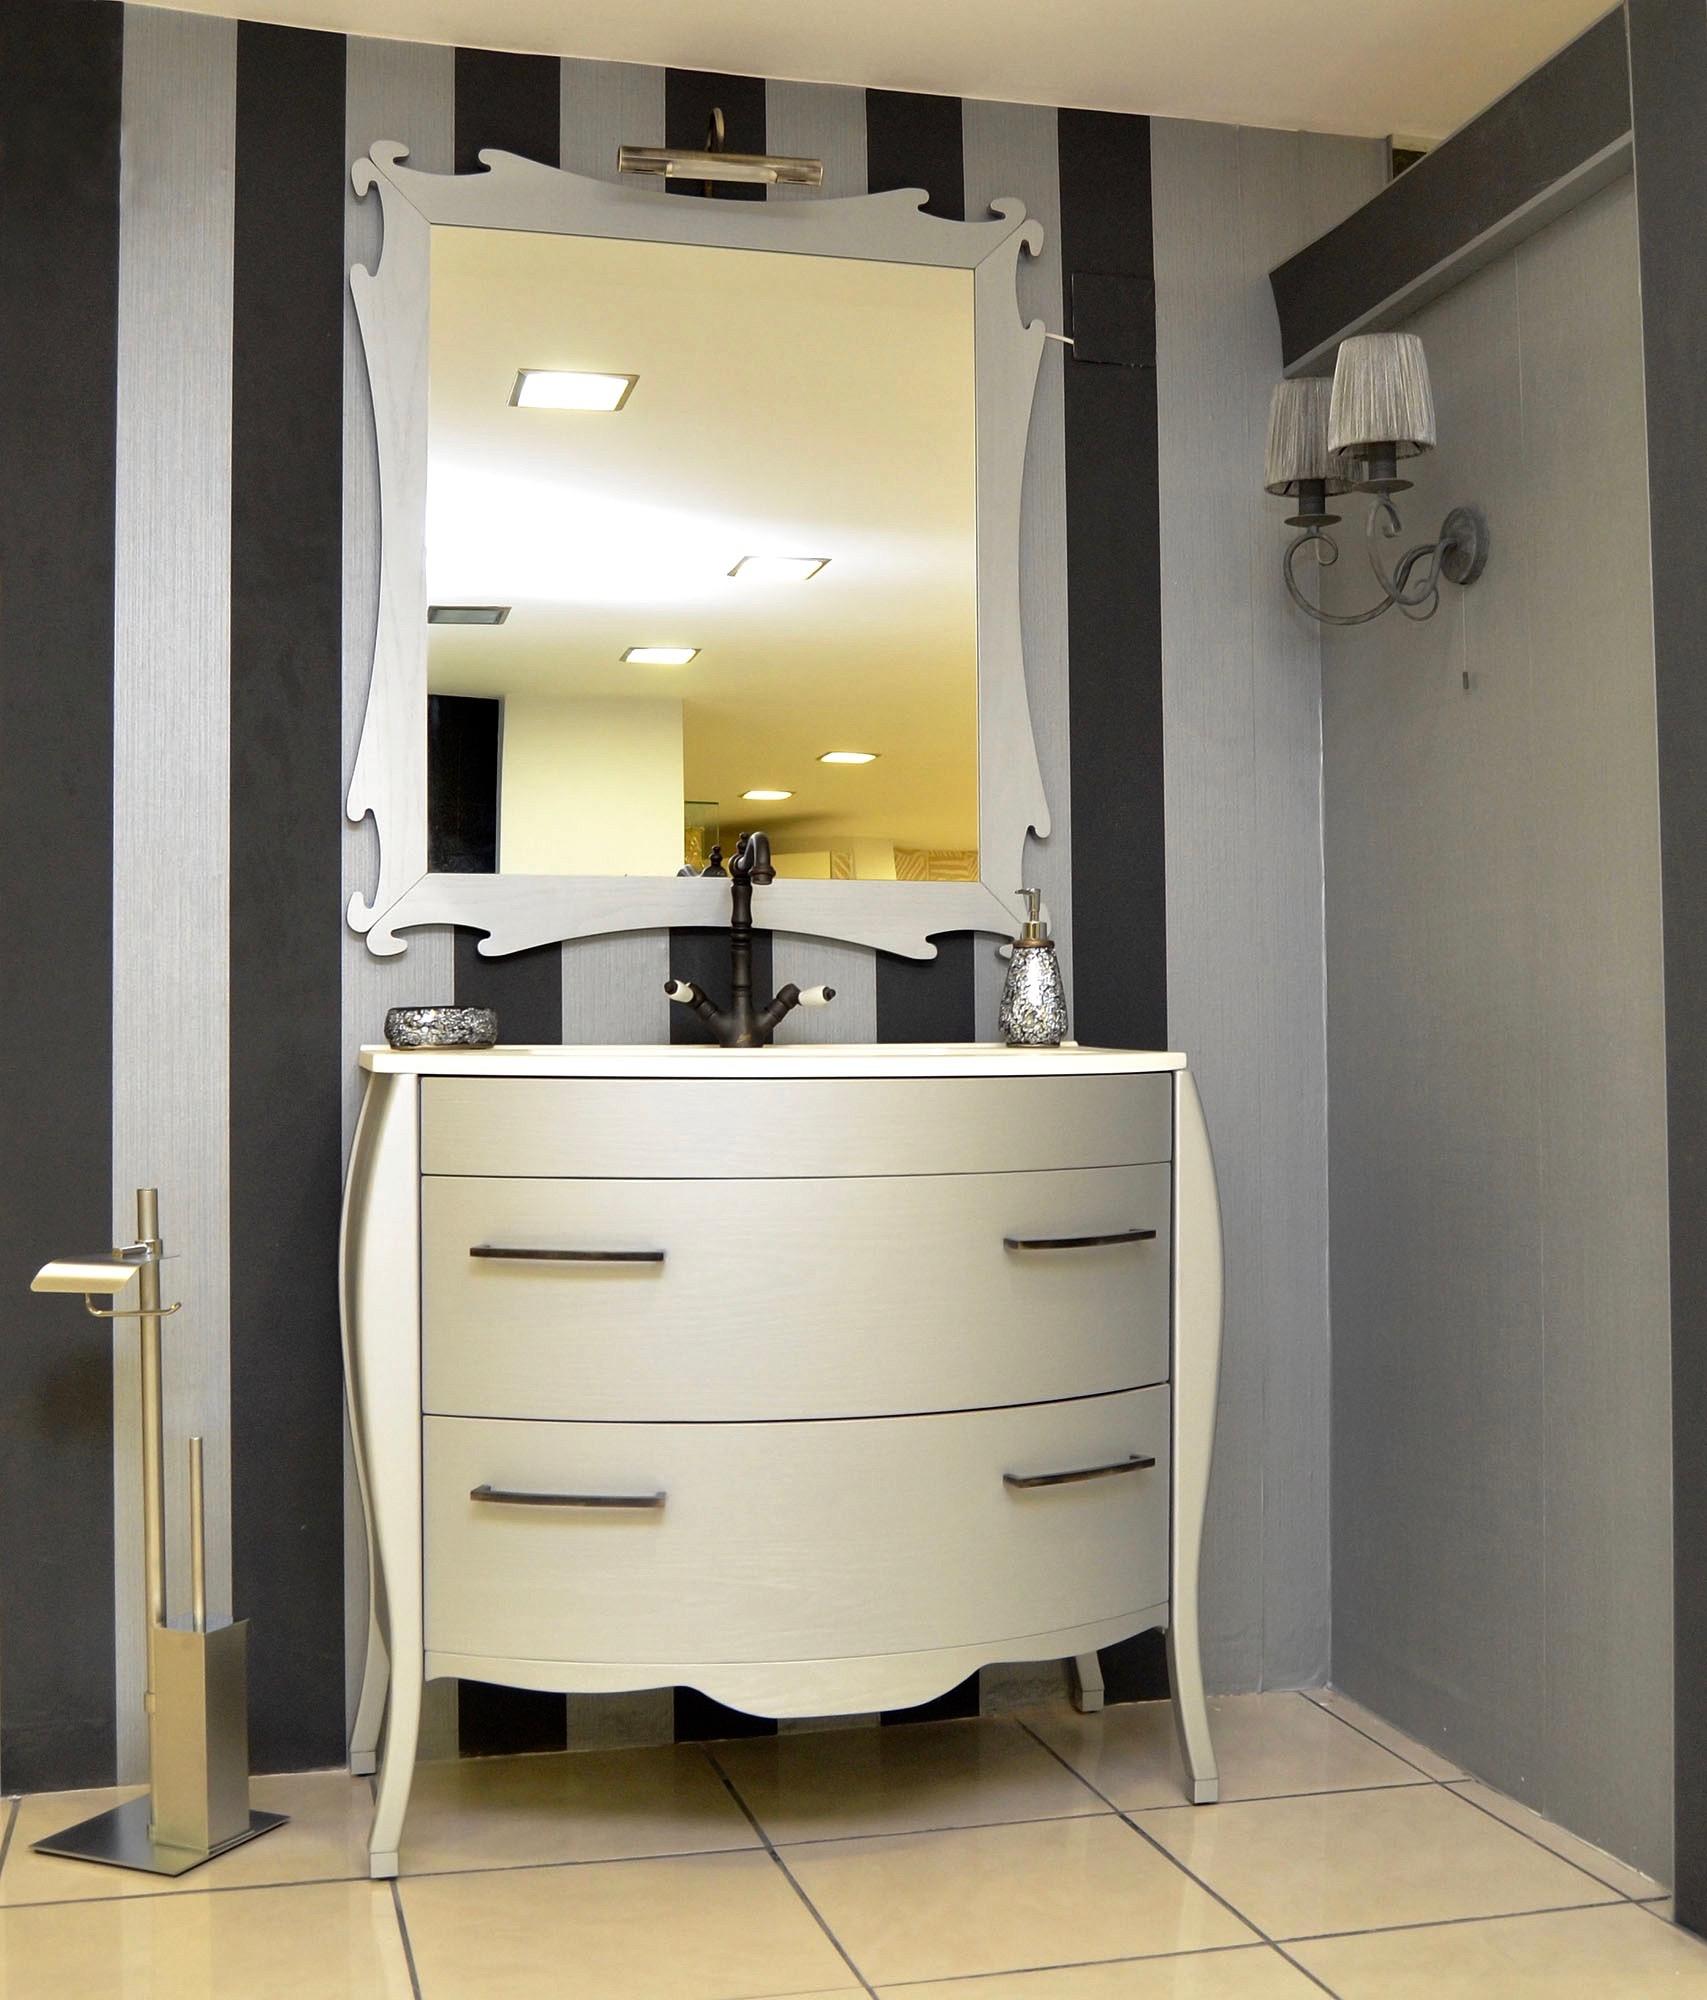 Nuestros baños-premium15 - Tienda de muebles de cocina y baño en Santander